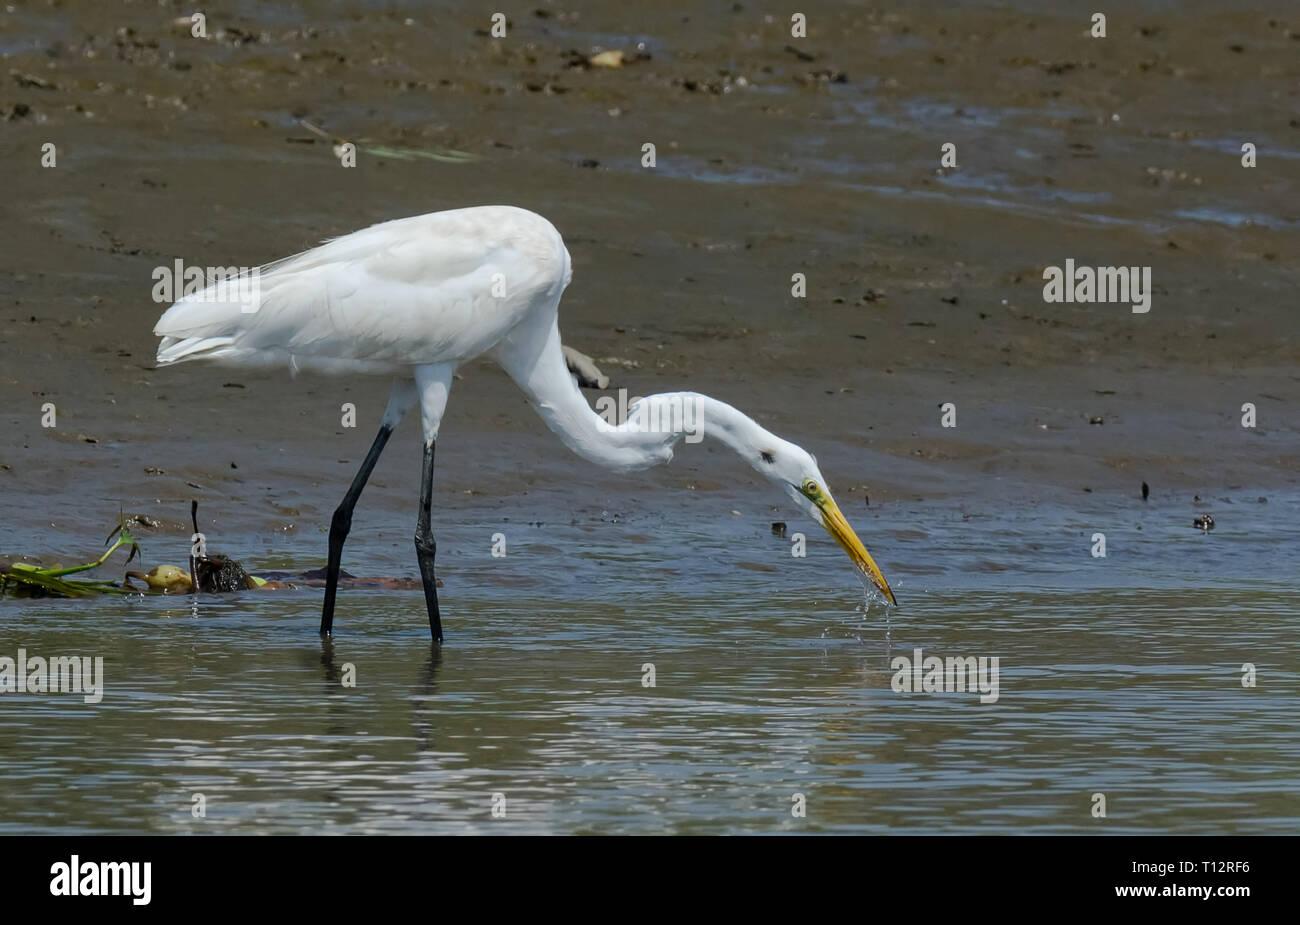 Das für ein Streik bei einem kleinen Fisch ein Silberreiher Spulen es Hals wie eine Feder Stockbild